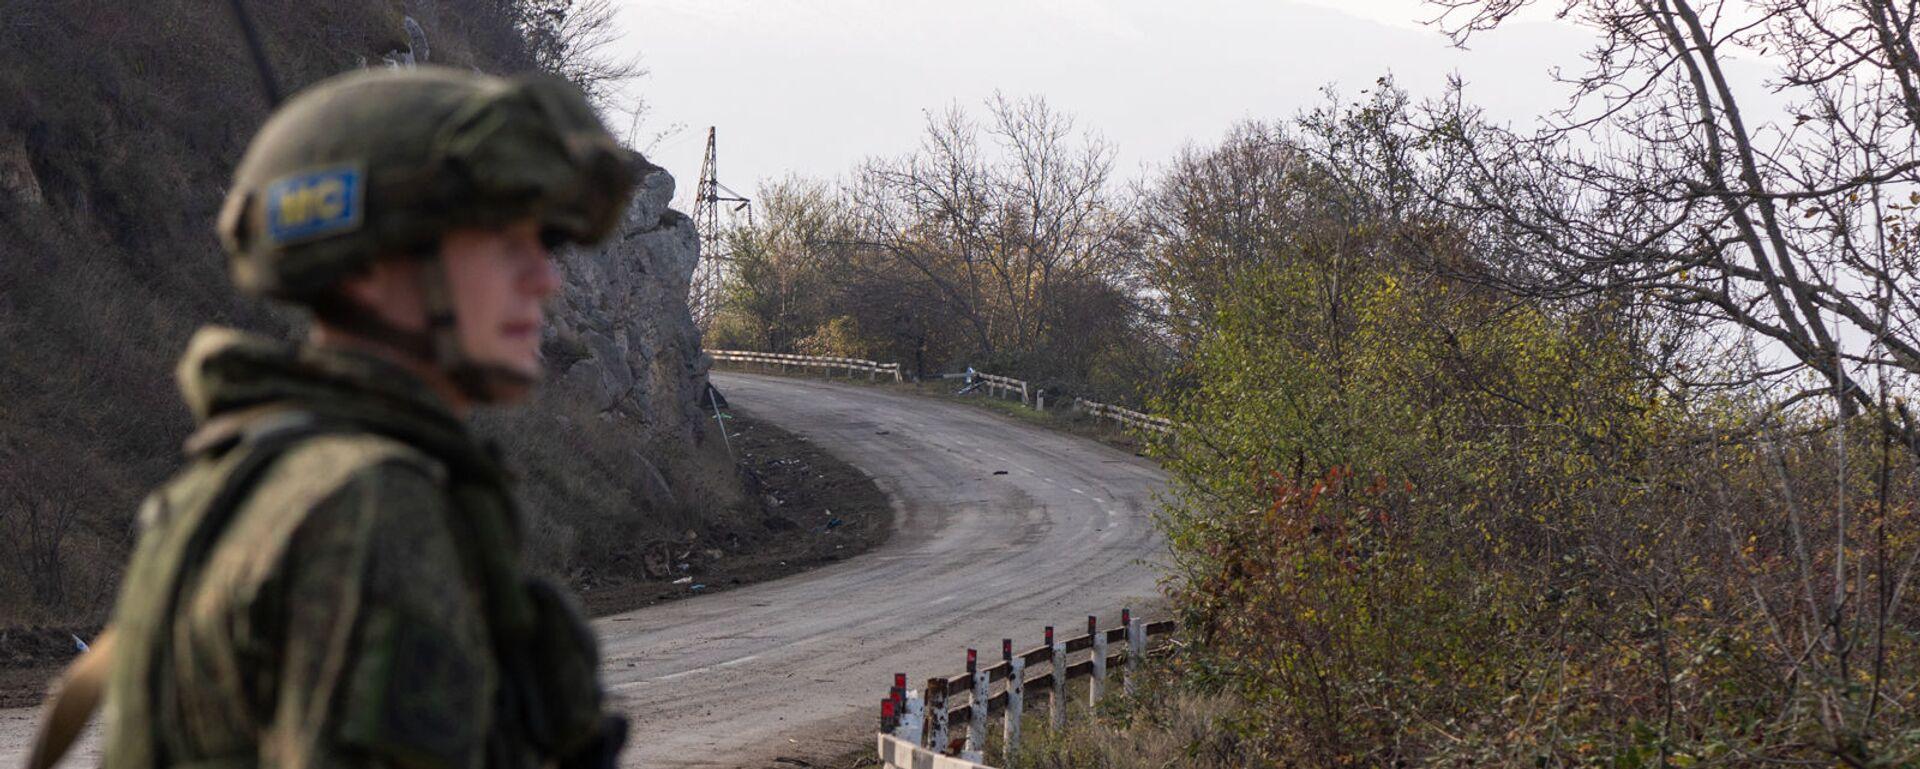 Блокпост российских миротворческих сил в Лачинском коридоре (17 ноября 2020). Карабах - Sputnik Արմենիա, 1920, 10.07.2021